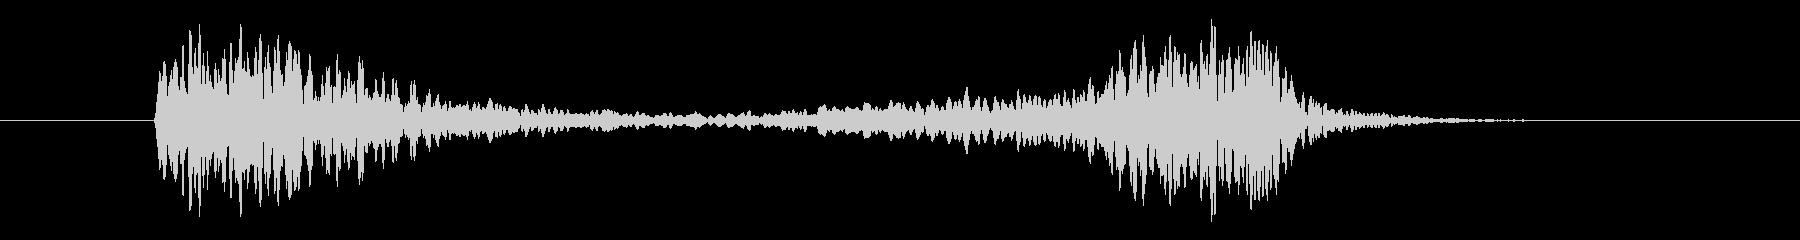 鉄道サウンド 車掌さんの笛の未再生の波形